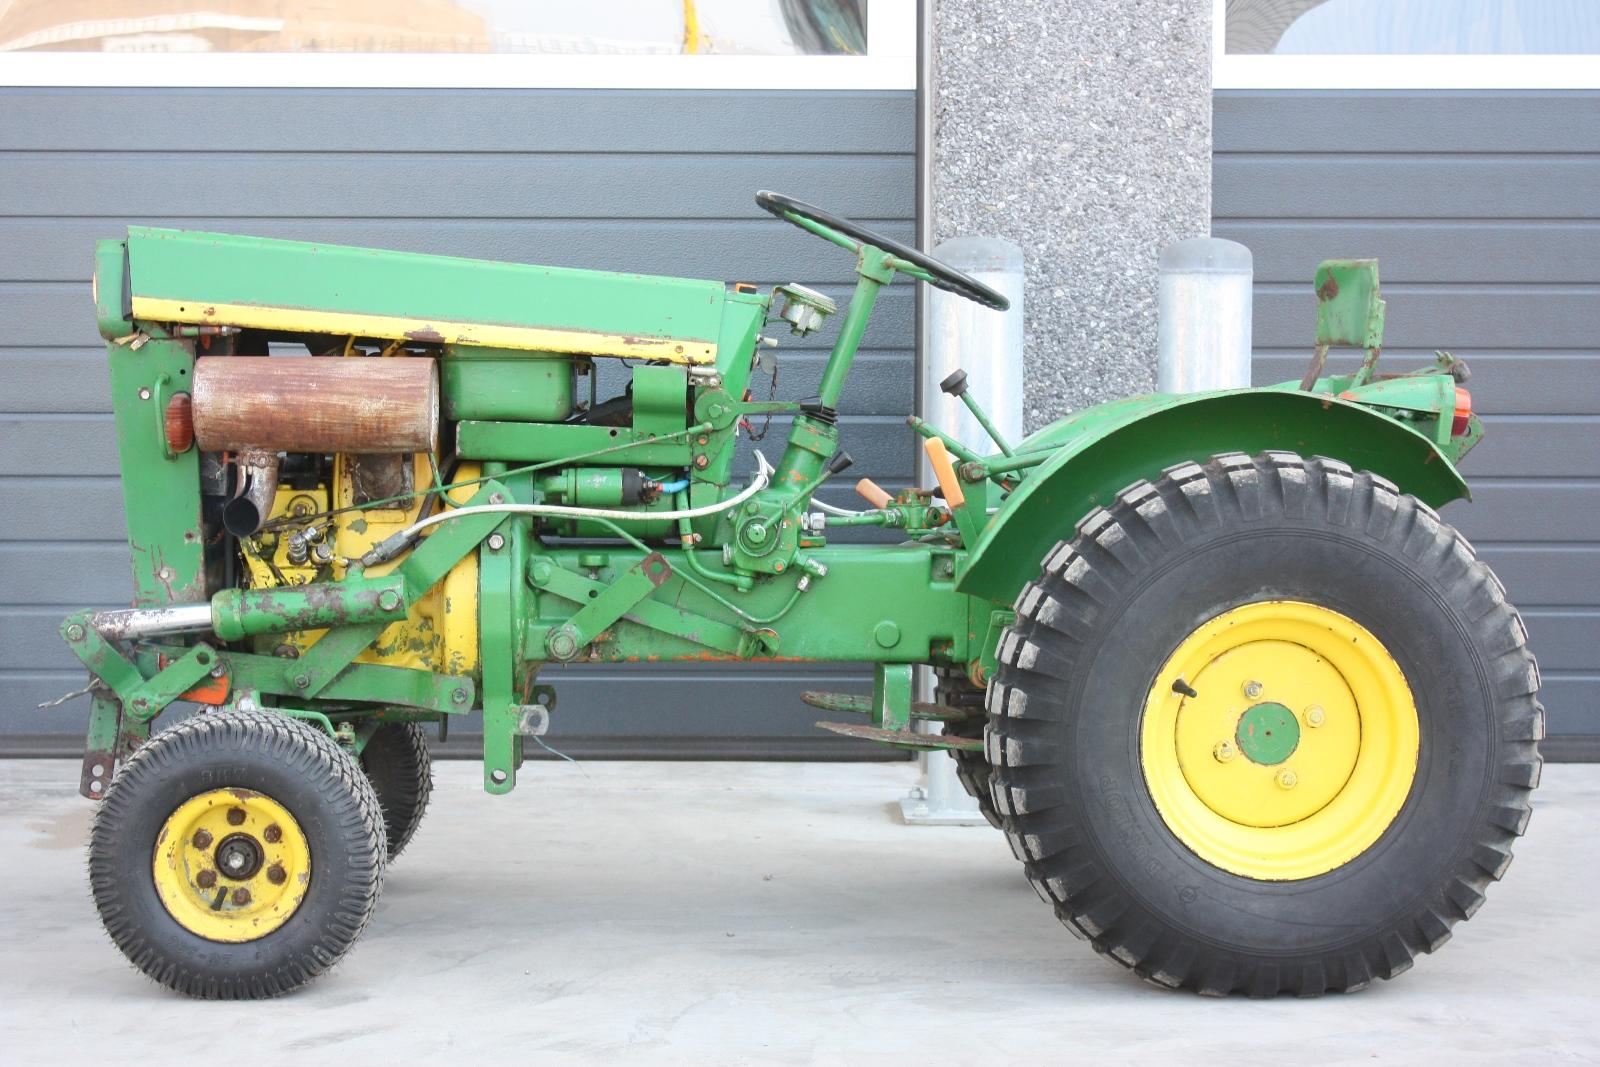 holder b16 1973 vineyard tractor van dijk heavy equipment. Black Bedroom Furniture Sets. Home Design Ideas